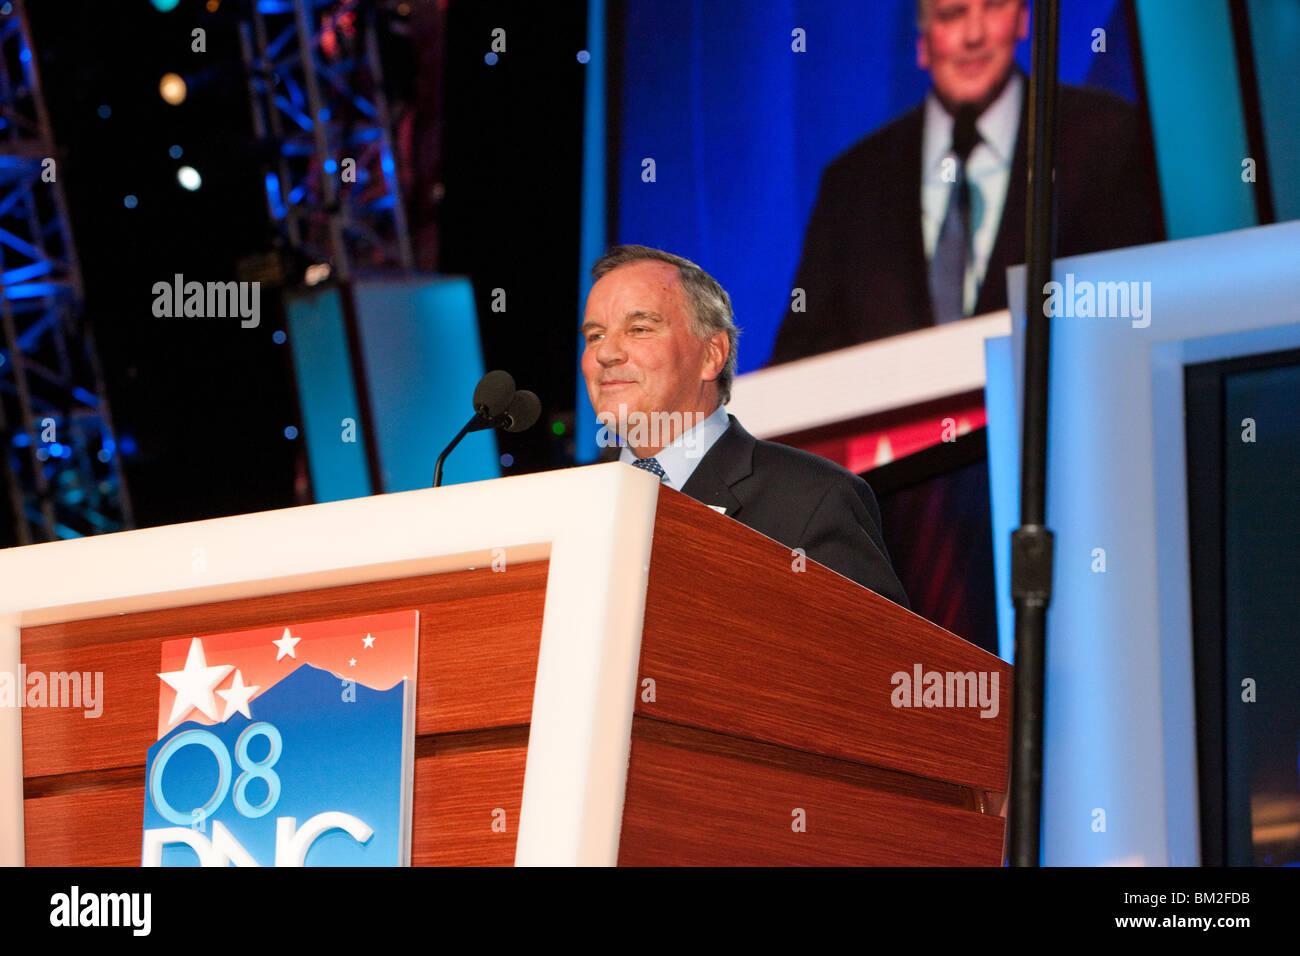 Mayor Richard Daley Keynote - Stock Image